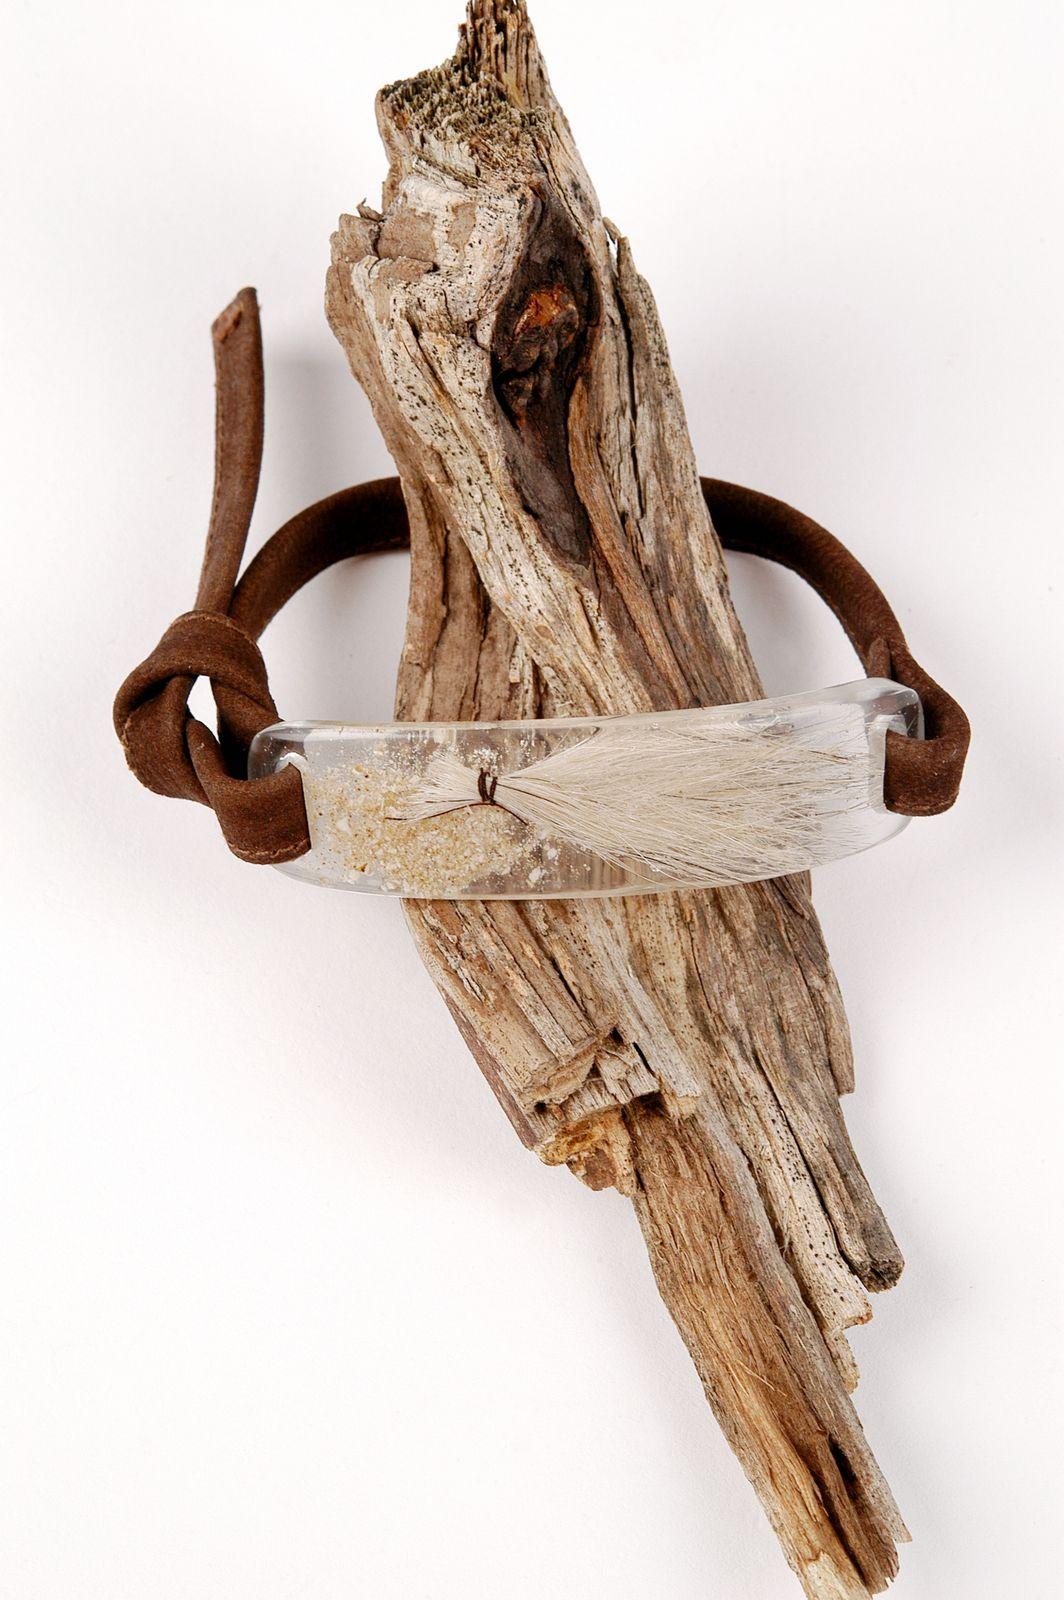 Armband mit transparentem Schmuckstein mit eingebetteter Hundehaar-Locke aus Epoxidharz von Edna Mo